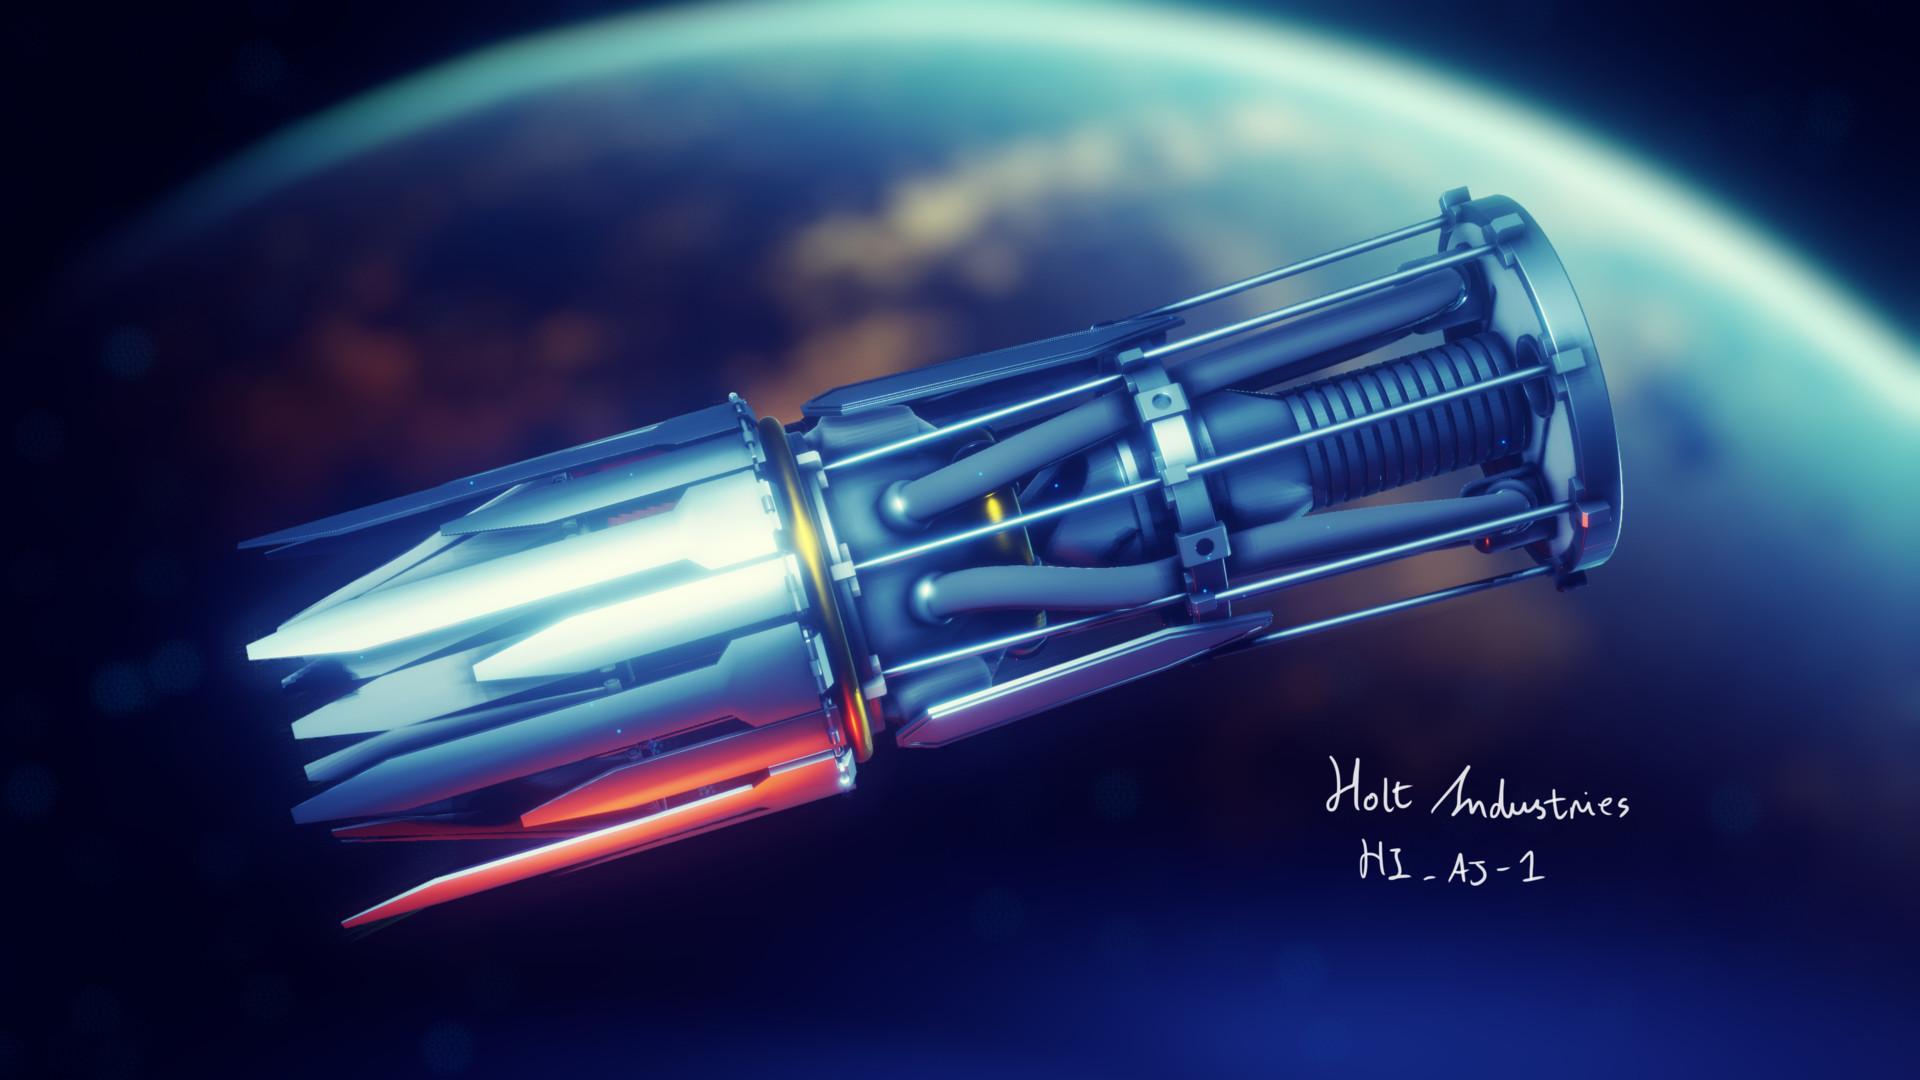 Curtis James Holt - 3D Artist - HOLT INDUSTRIES - HI_AJ-1 ...